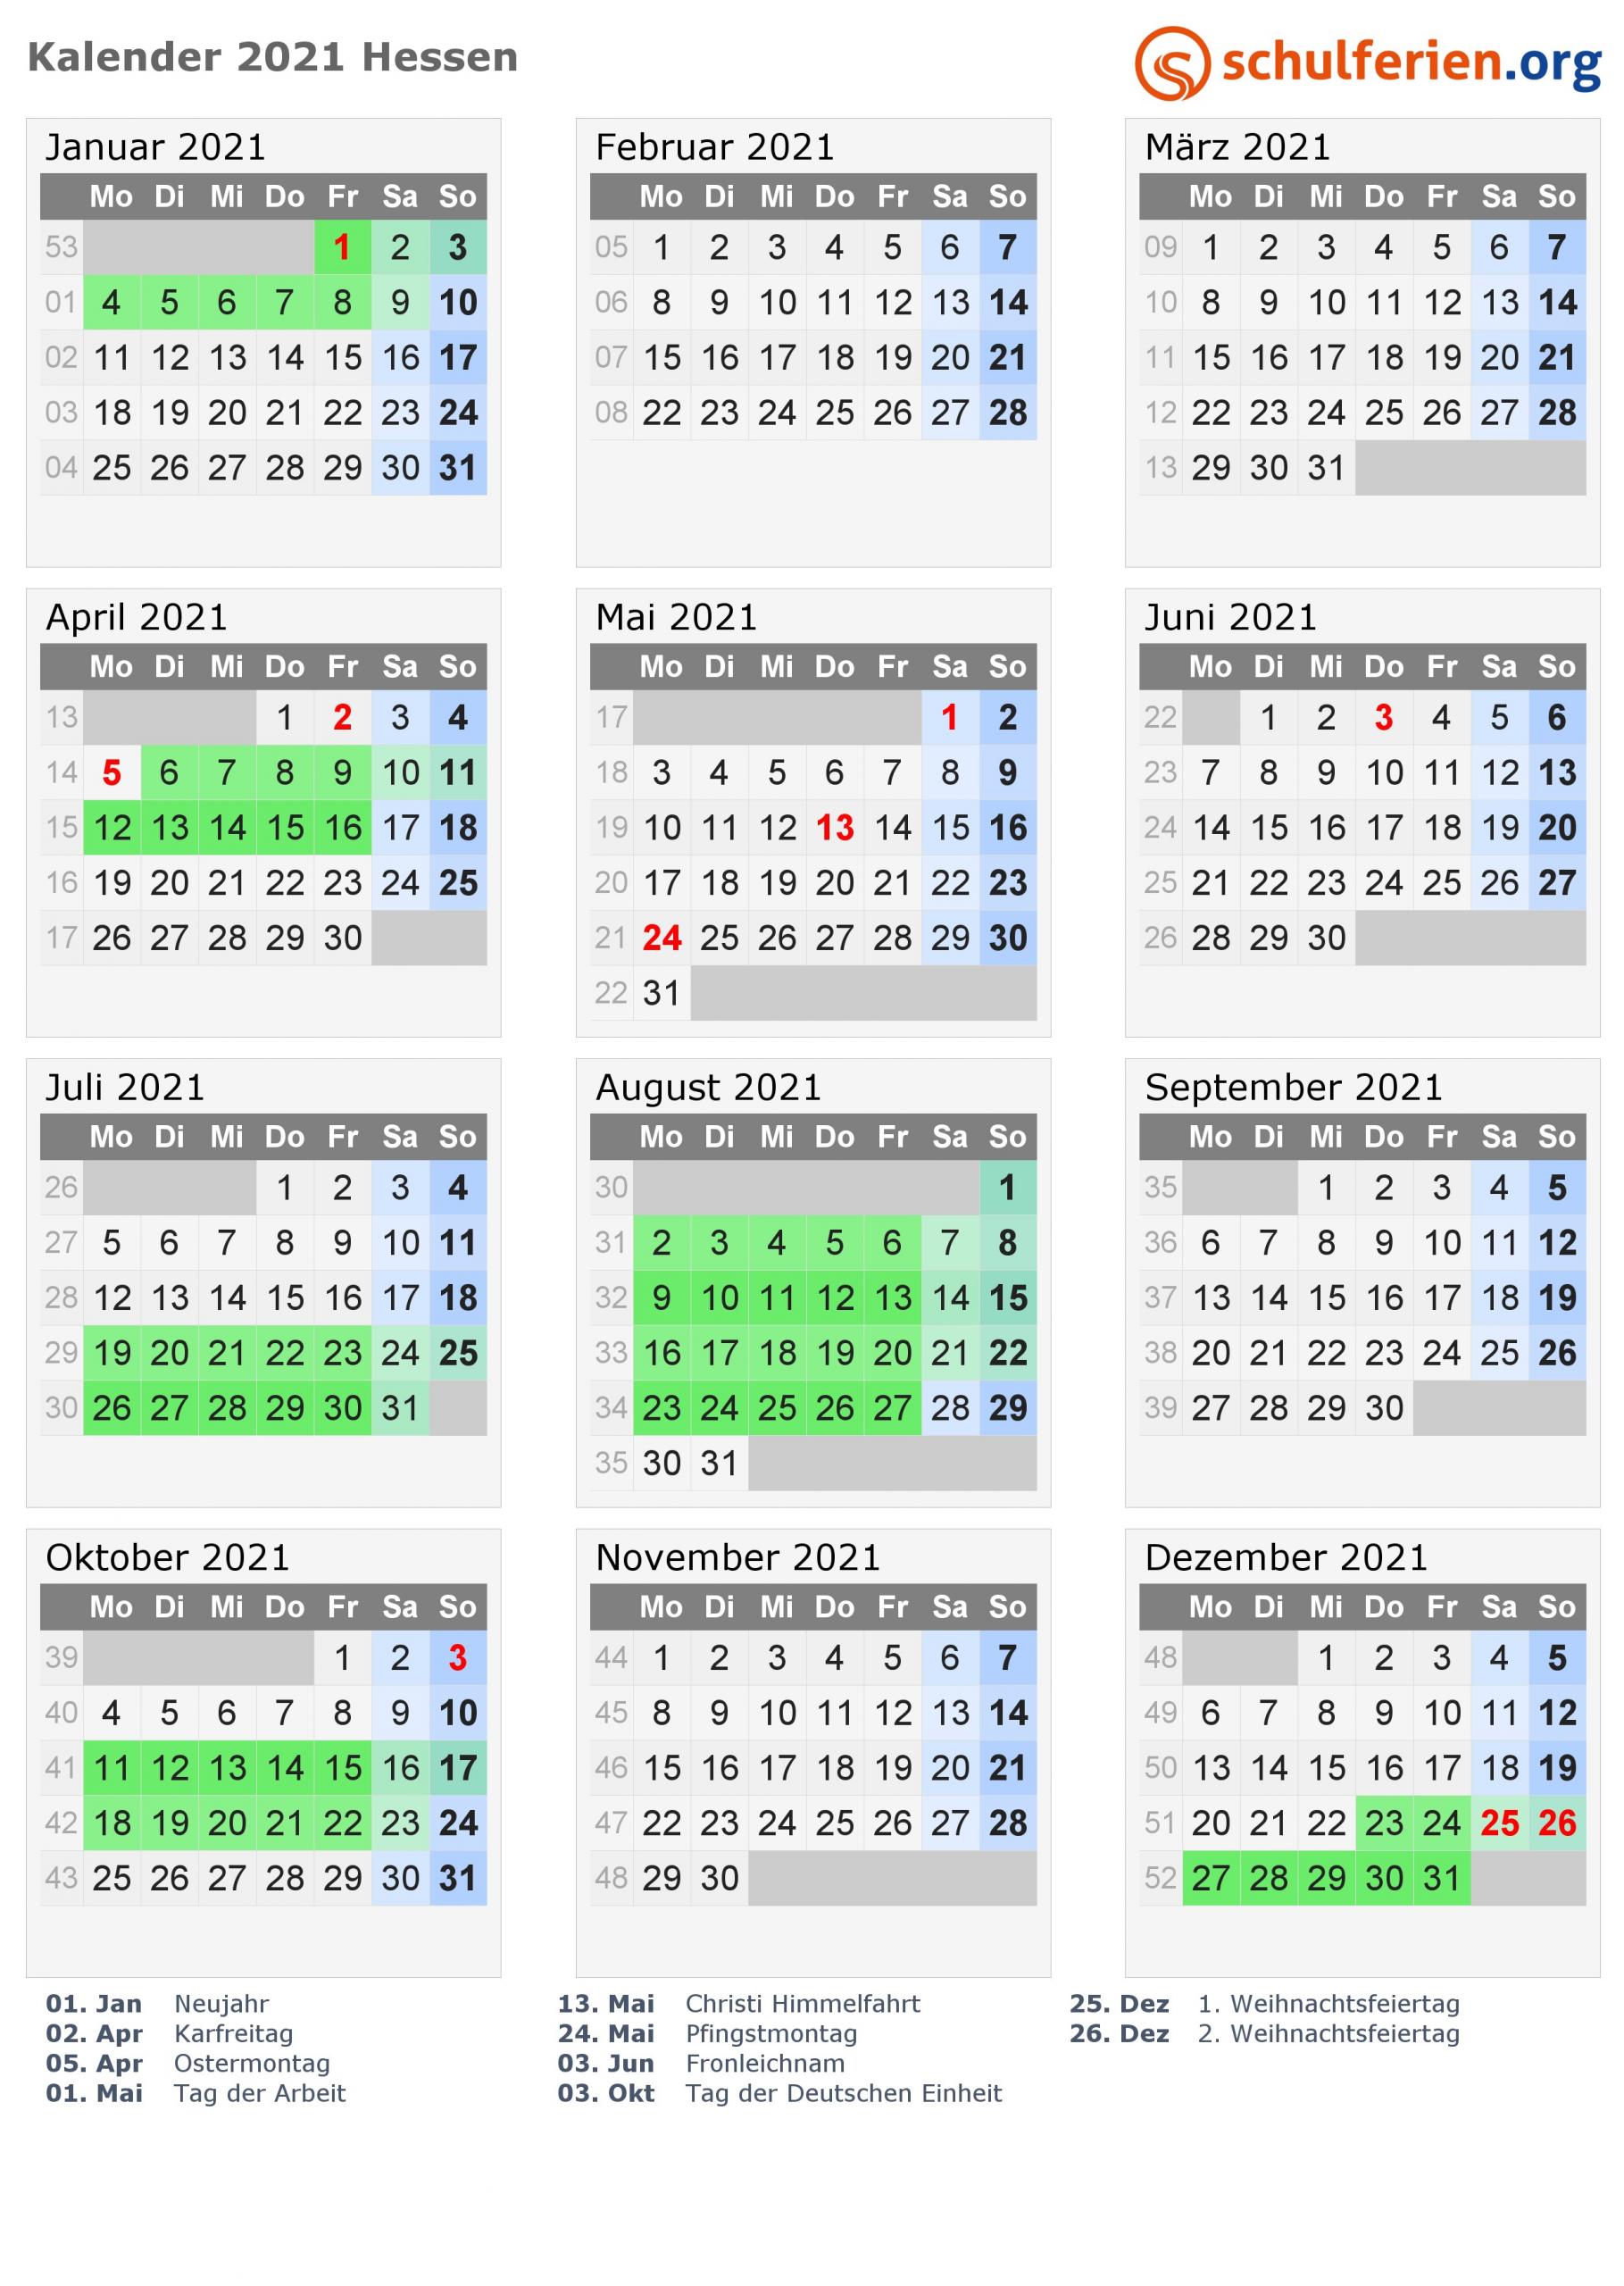 kalender 2021 hessen hoch